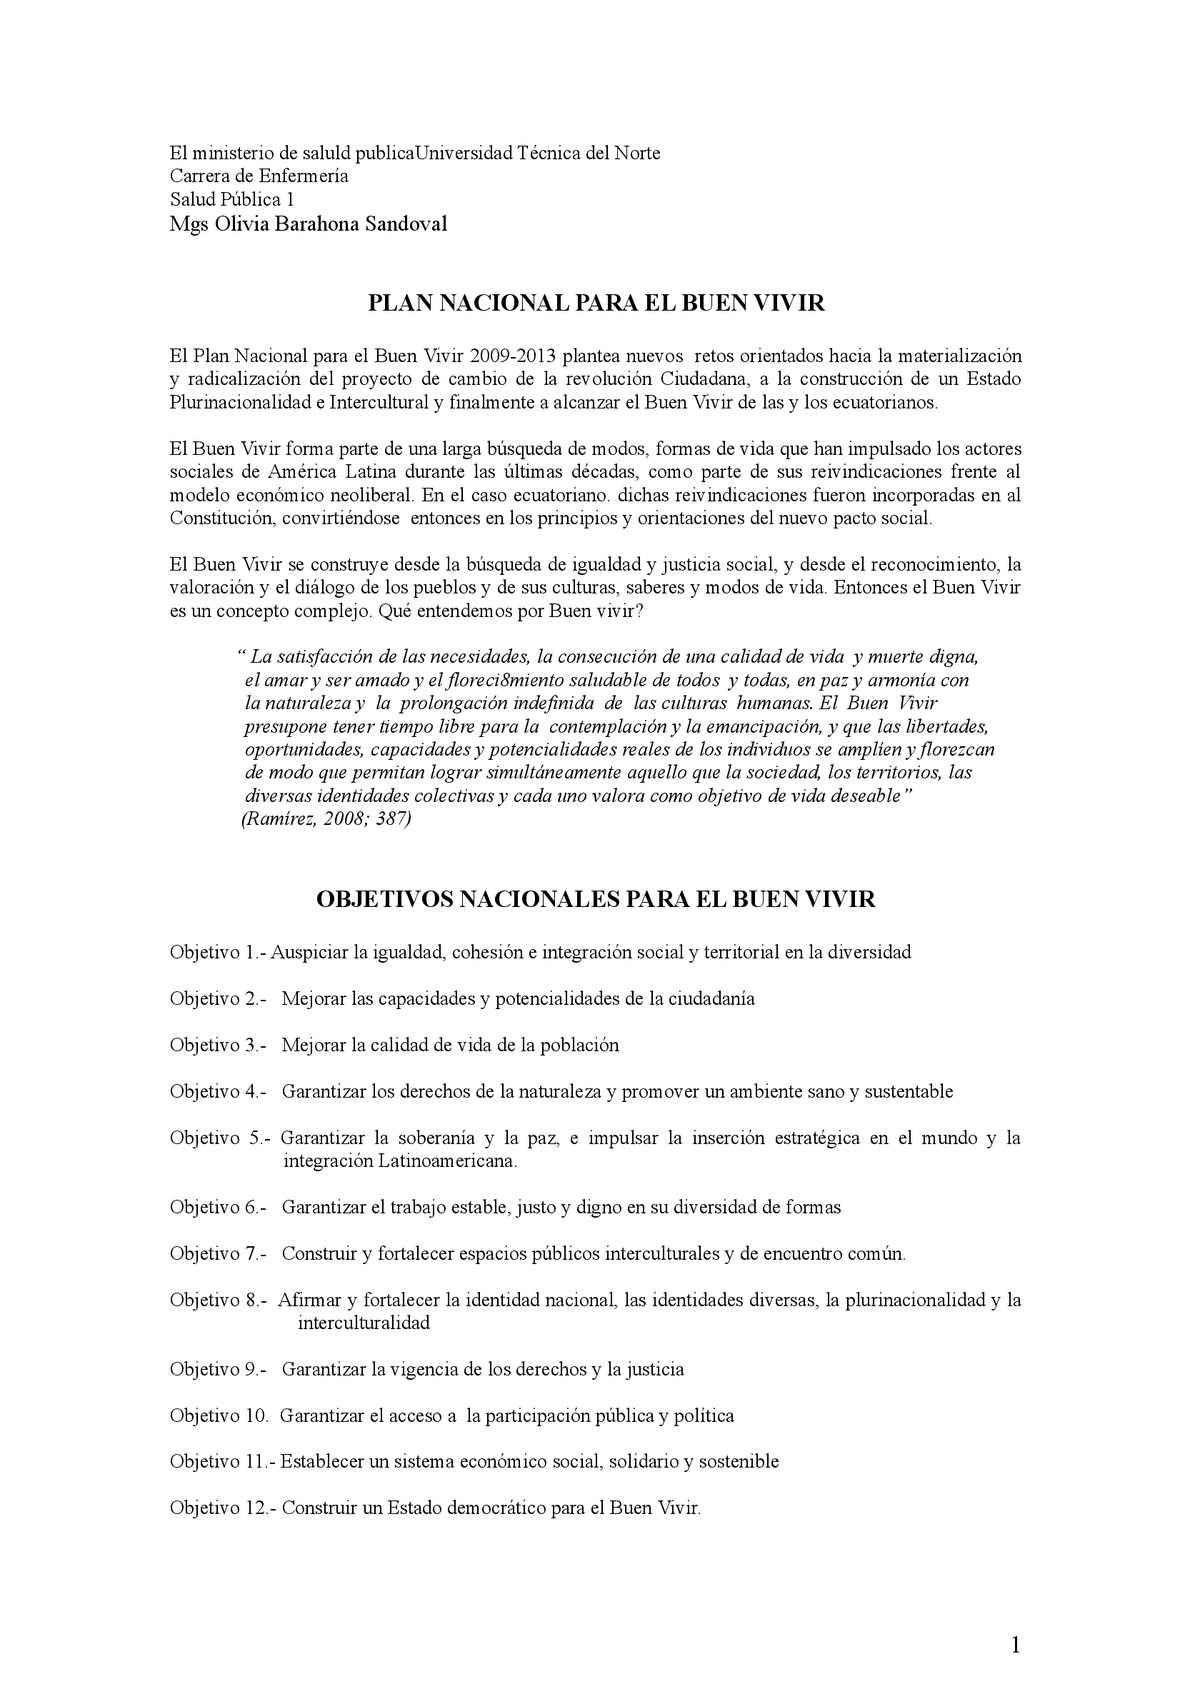 Calaméo - Objetivos Nacionales Buen Vivir